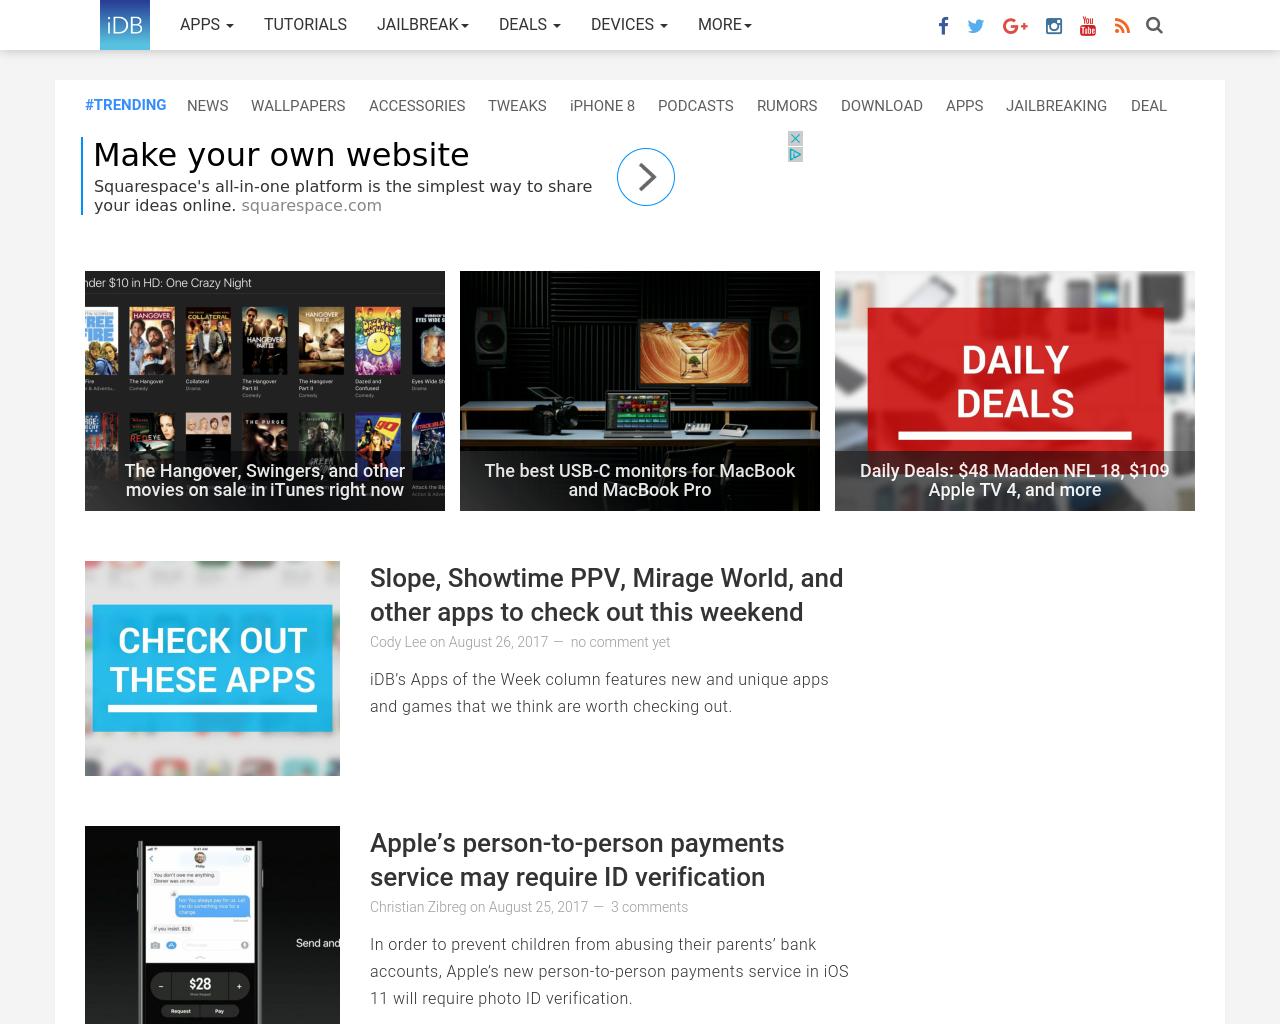 iDownload-Blog-Advertising-Reviews-Pricing